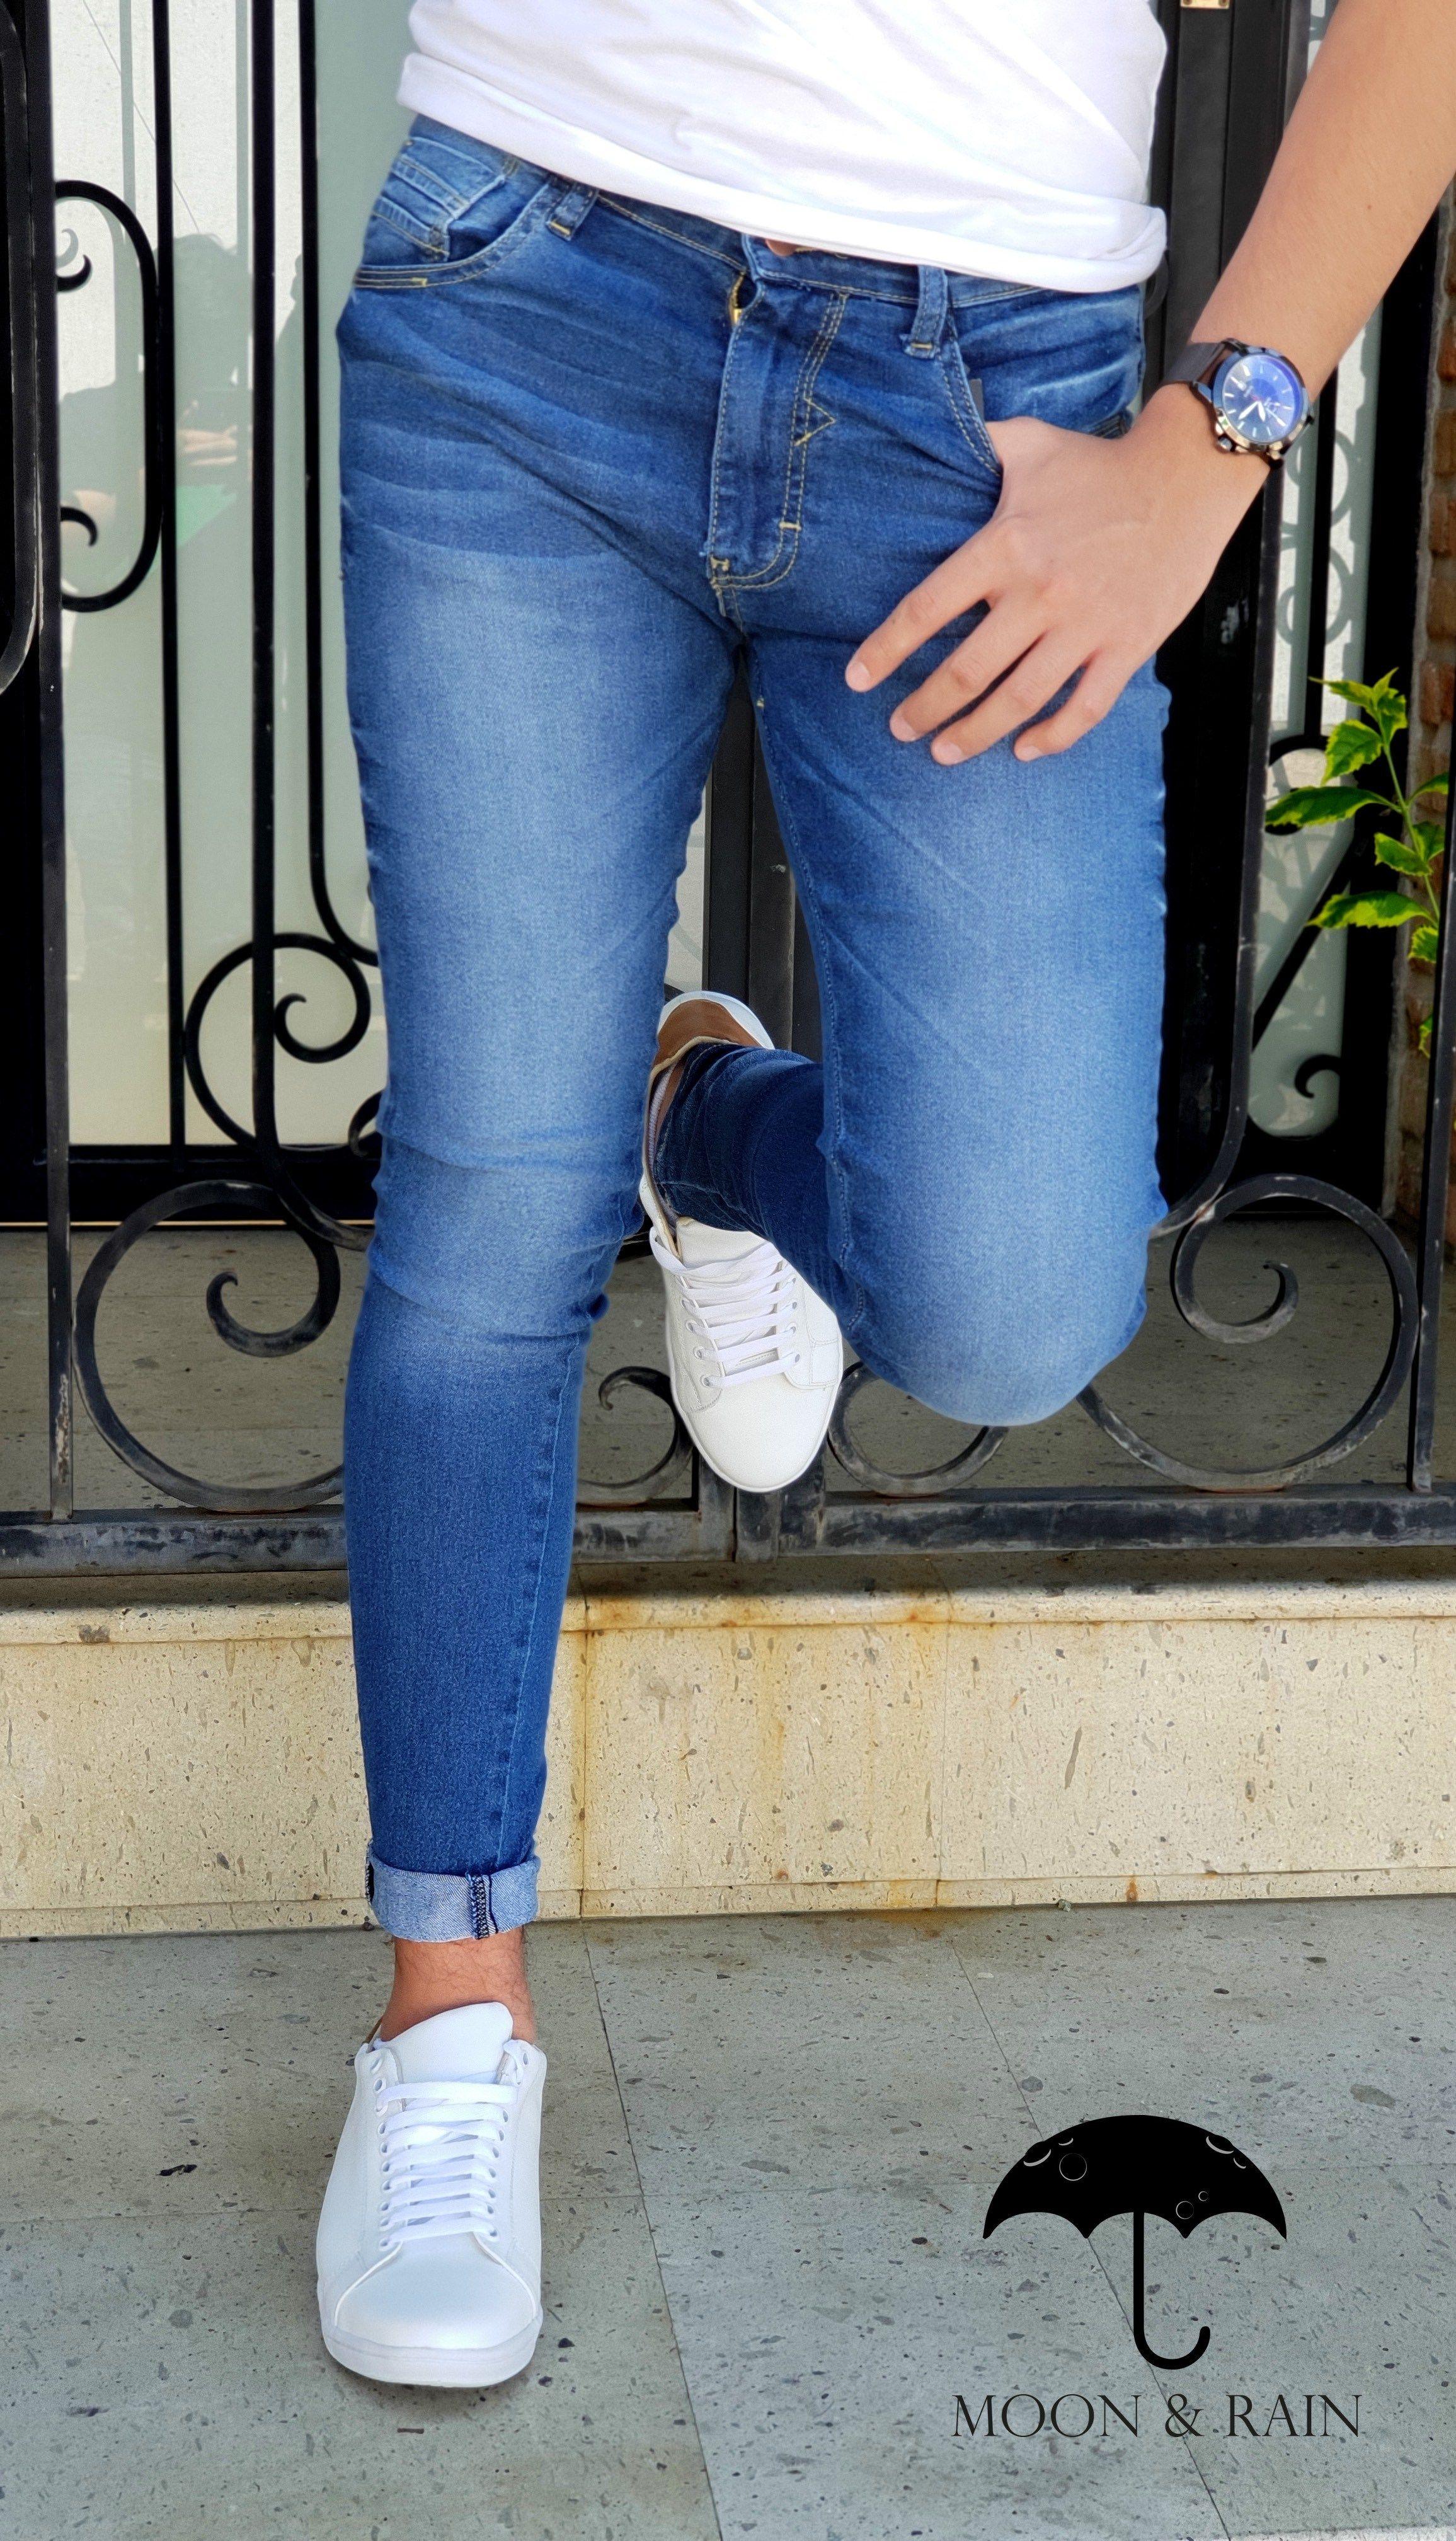 Pantalon De Mezclilla Azul Deslavado Pantalones De Mezclilla Pantalon De Mezclilla Hombre Jeans De Mezclilla